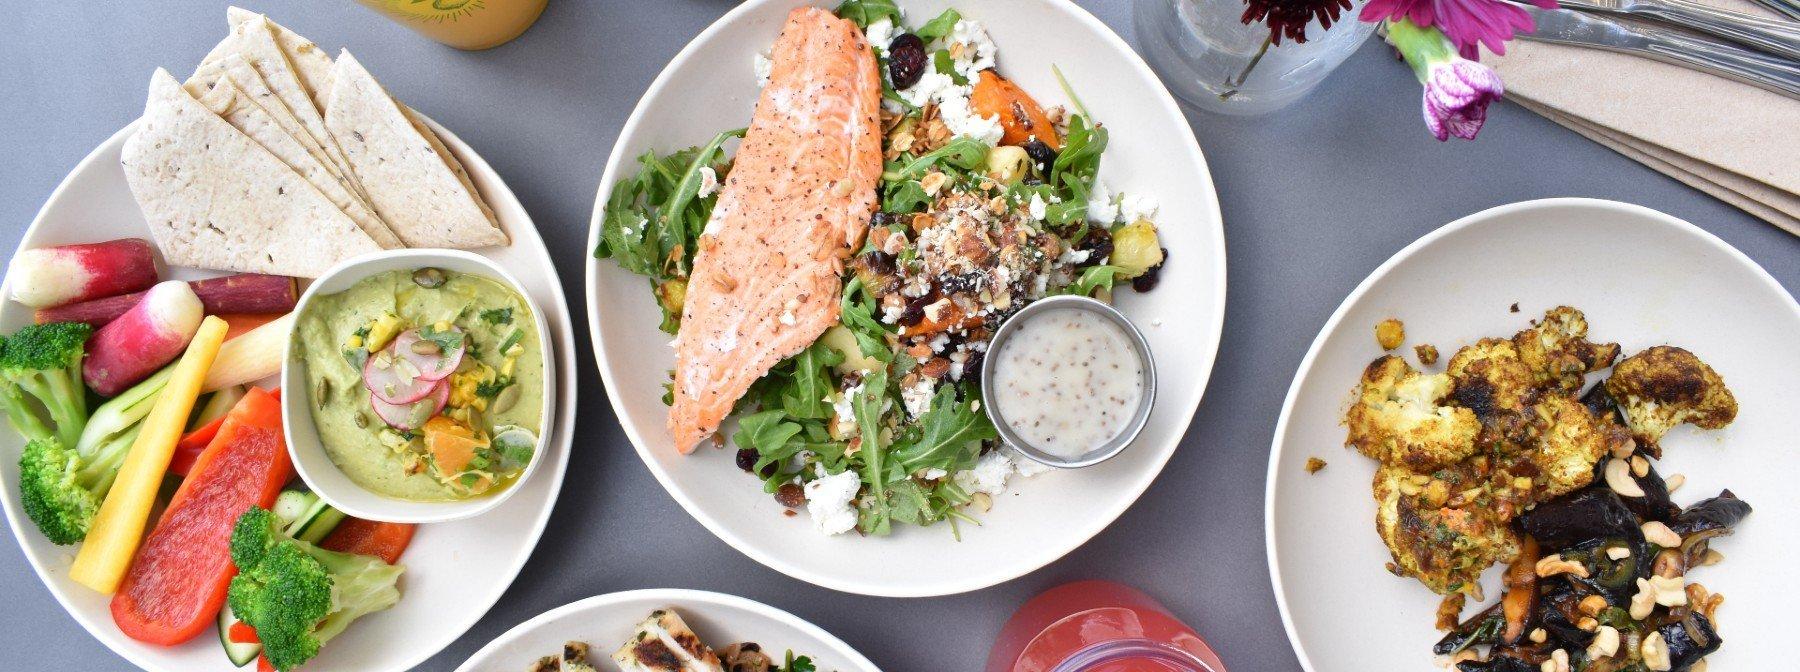 Najlepšie anajhoršie diéty za rok 2020 na základe hodnotenia odborníkmi na výživu